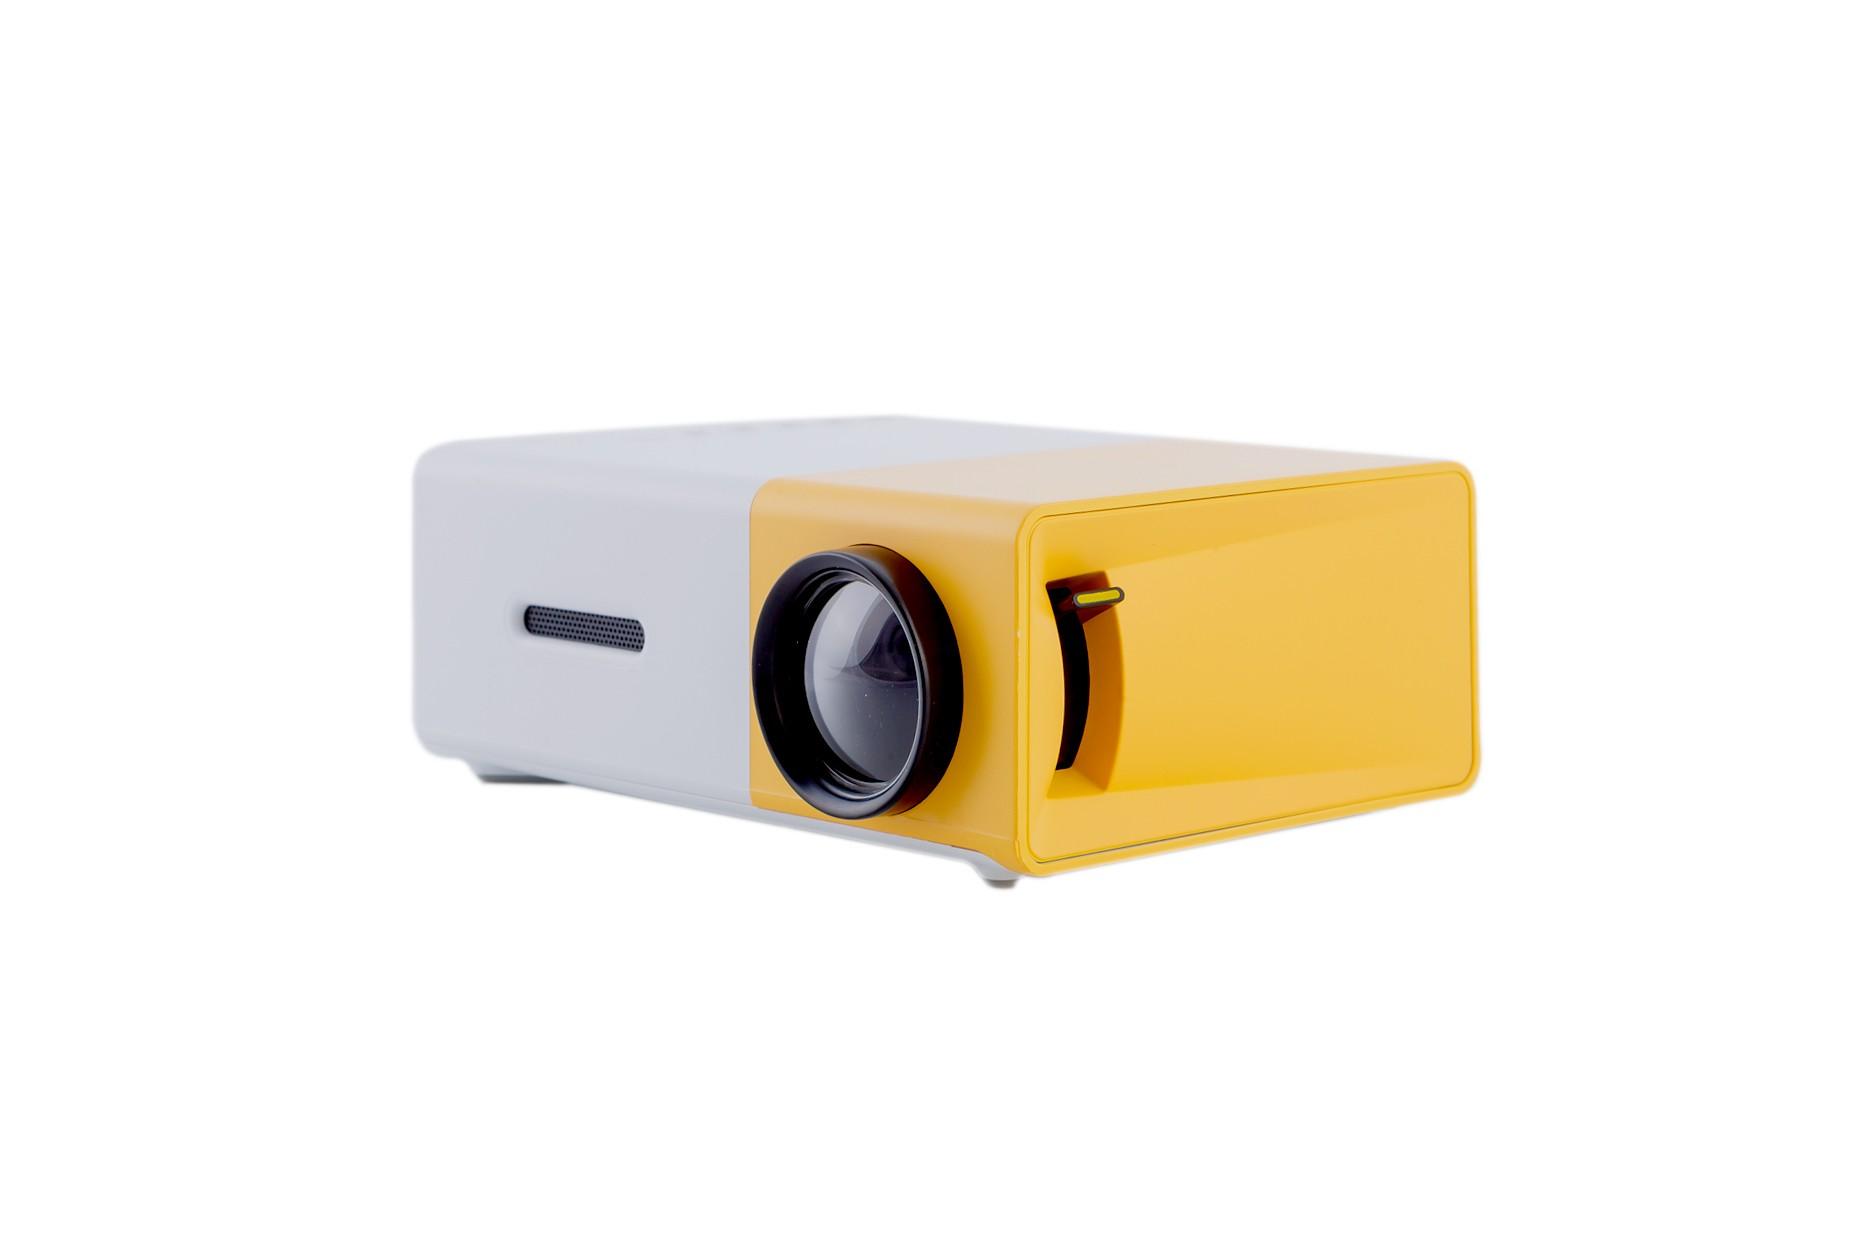 Проектор Led YG300 мультимедийный с динамиком, фото 3